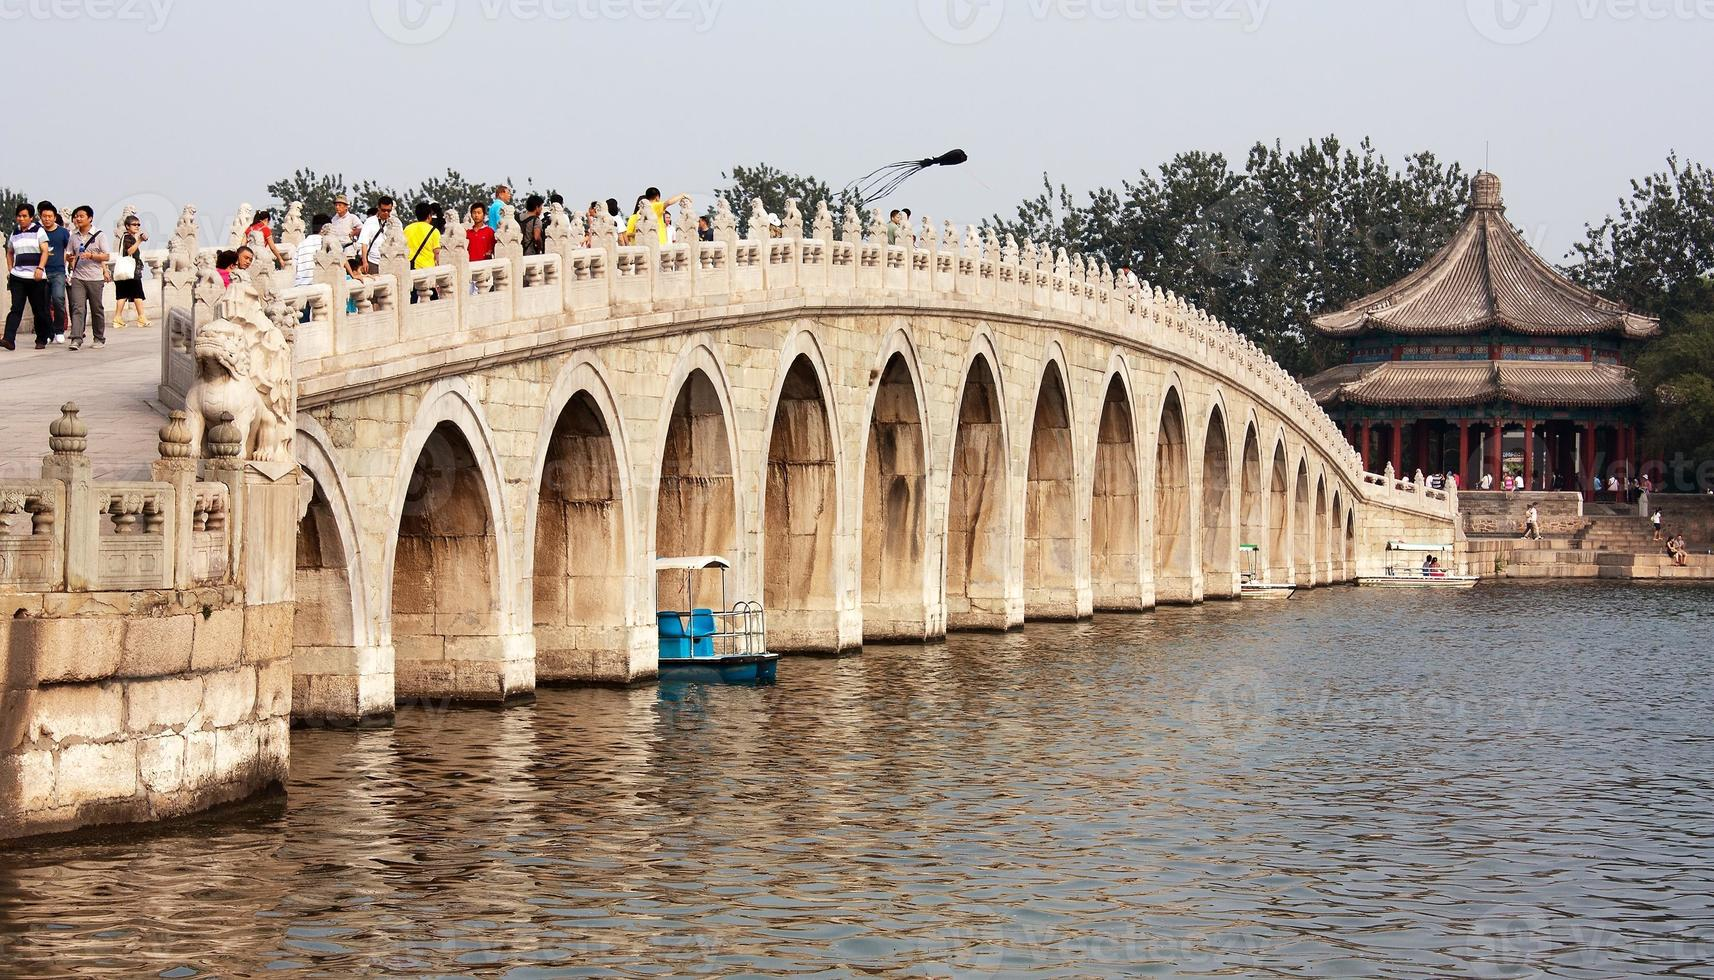 vista desde el palacio de verano con hermoso puente foto